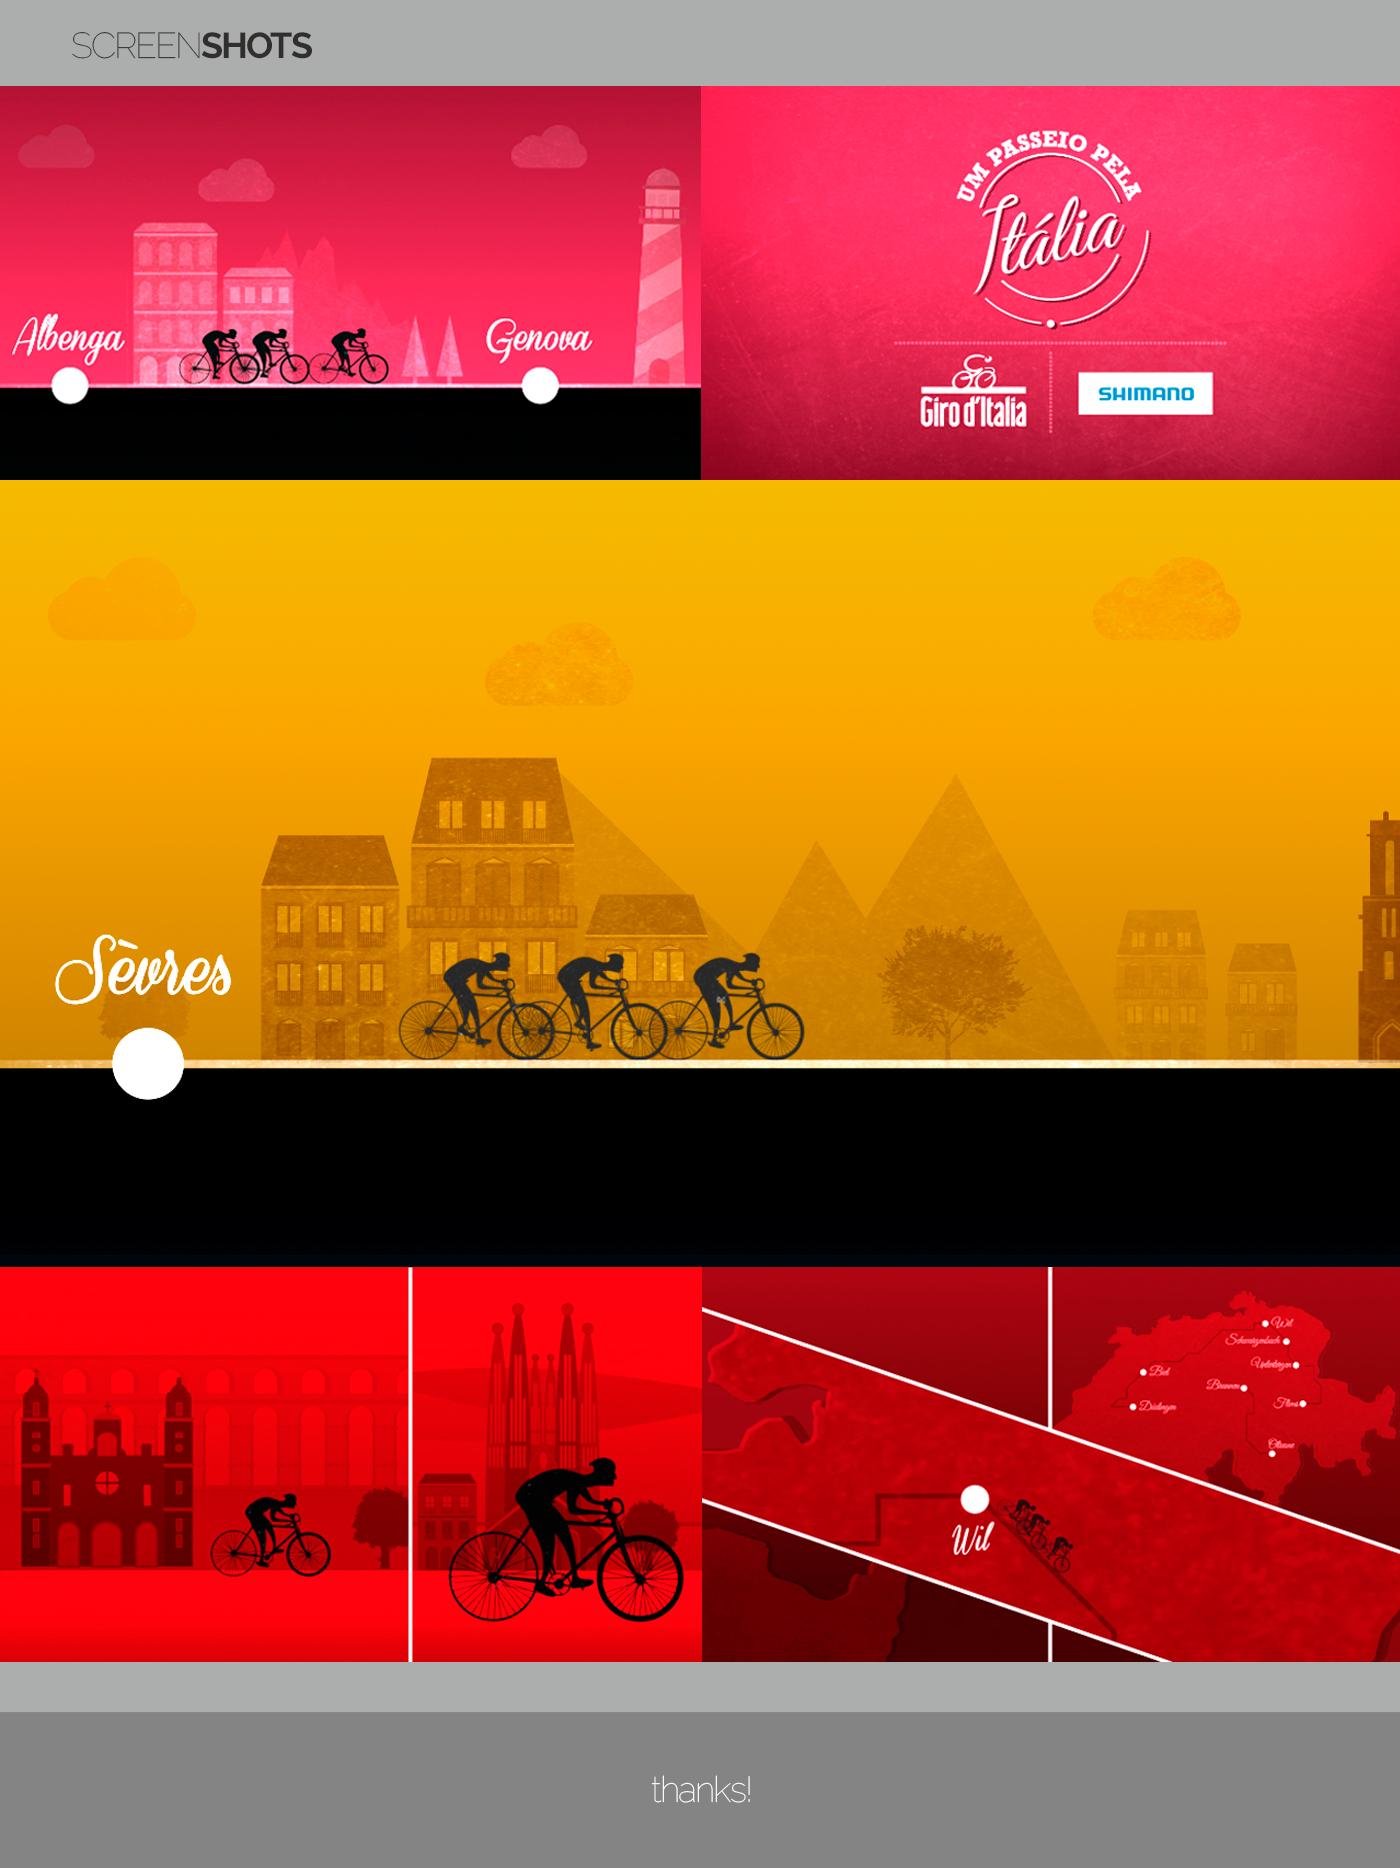 Bicycle Bike ESPN Tour de France tour de suisse la vuelta Giro d'italia